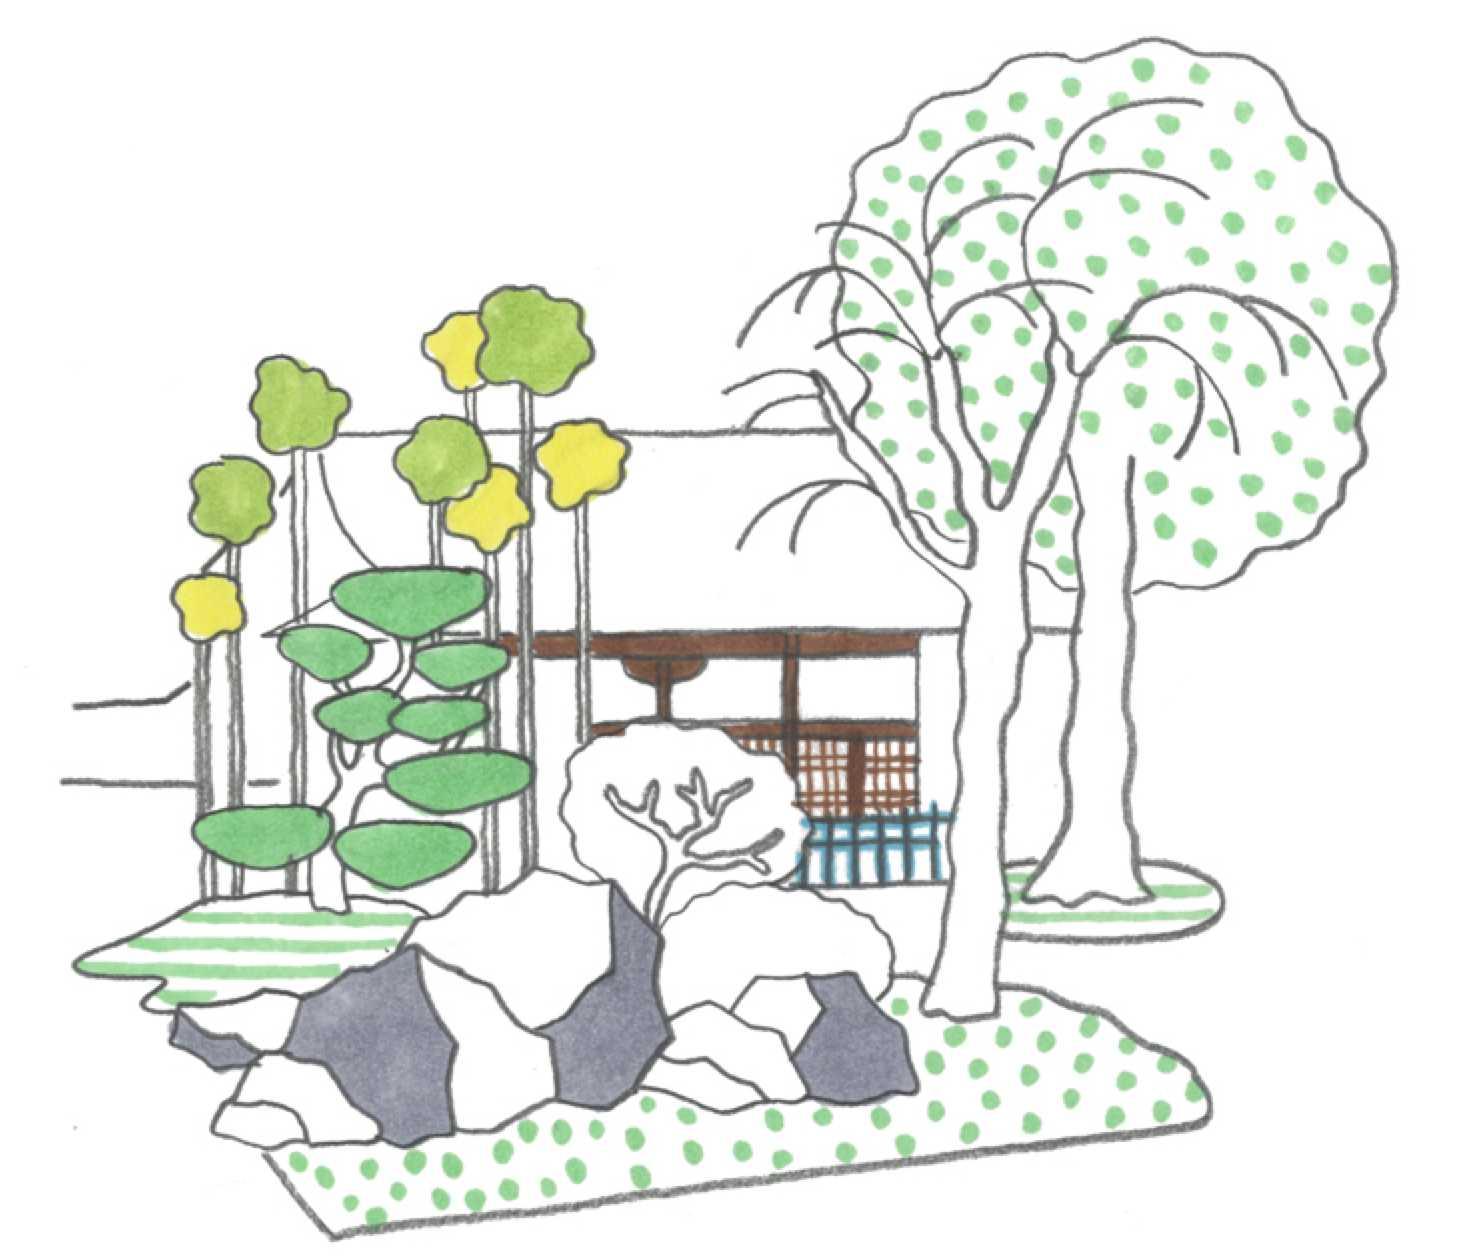 WEBマガジンイラストエッセイ第8回目「愛染院」:キノノキ 東京お遍路ゆるさんぽ_d0339885_12564947.png